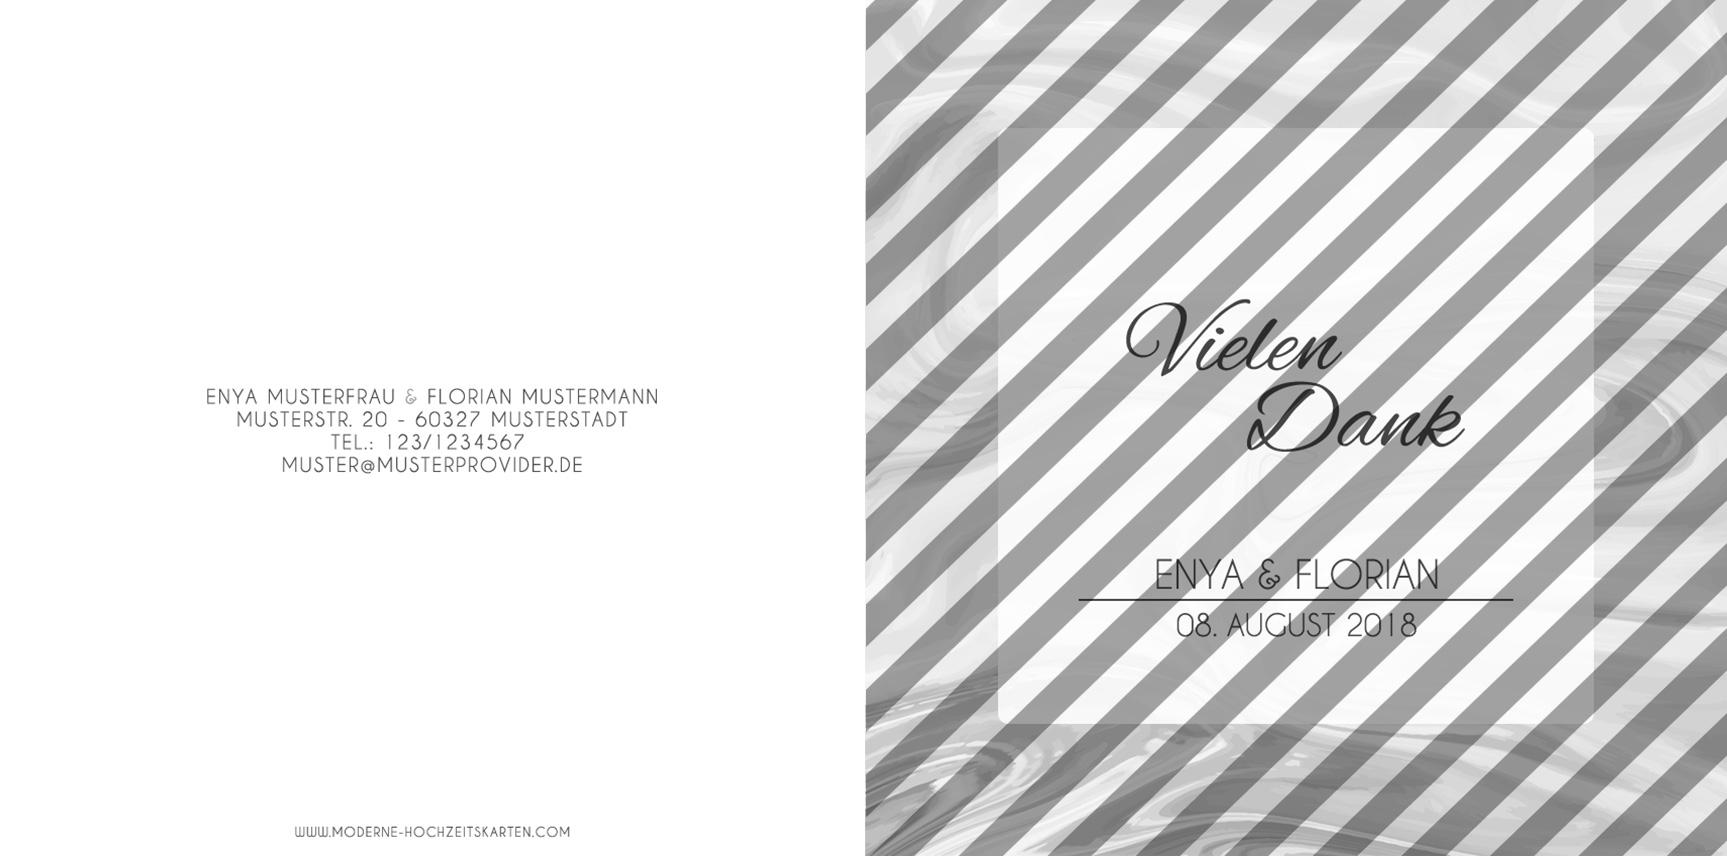 DKQ_editor-allli6m8XRy93OV